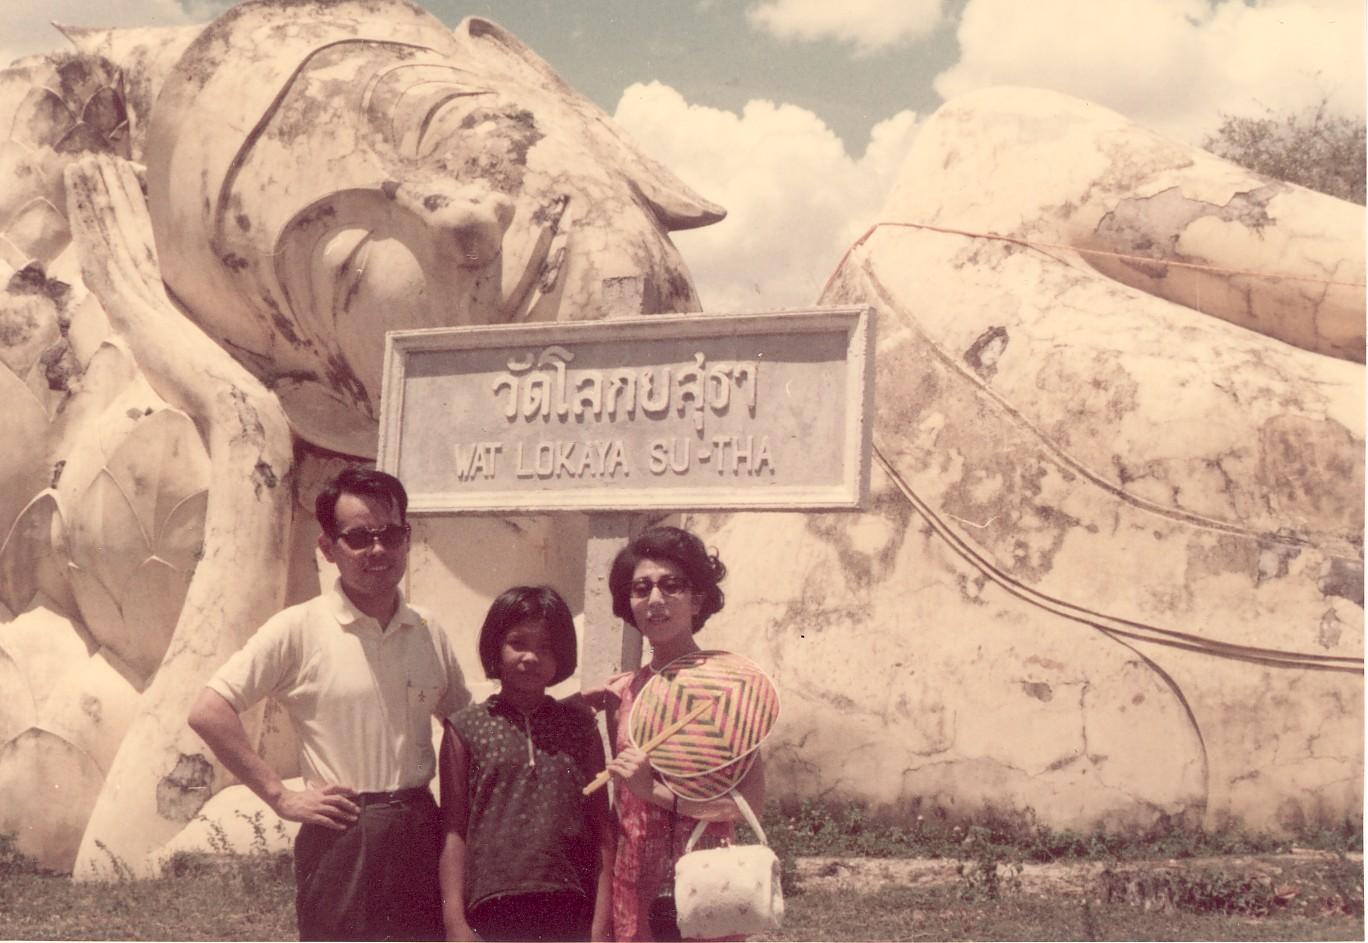 タイへ新婚旅行・アユタヤの寝釈迦像 1969年5月